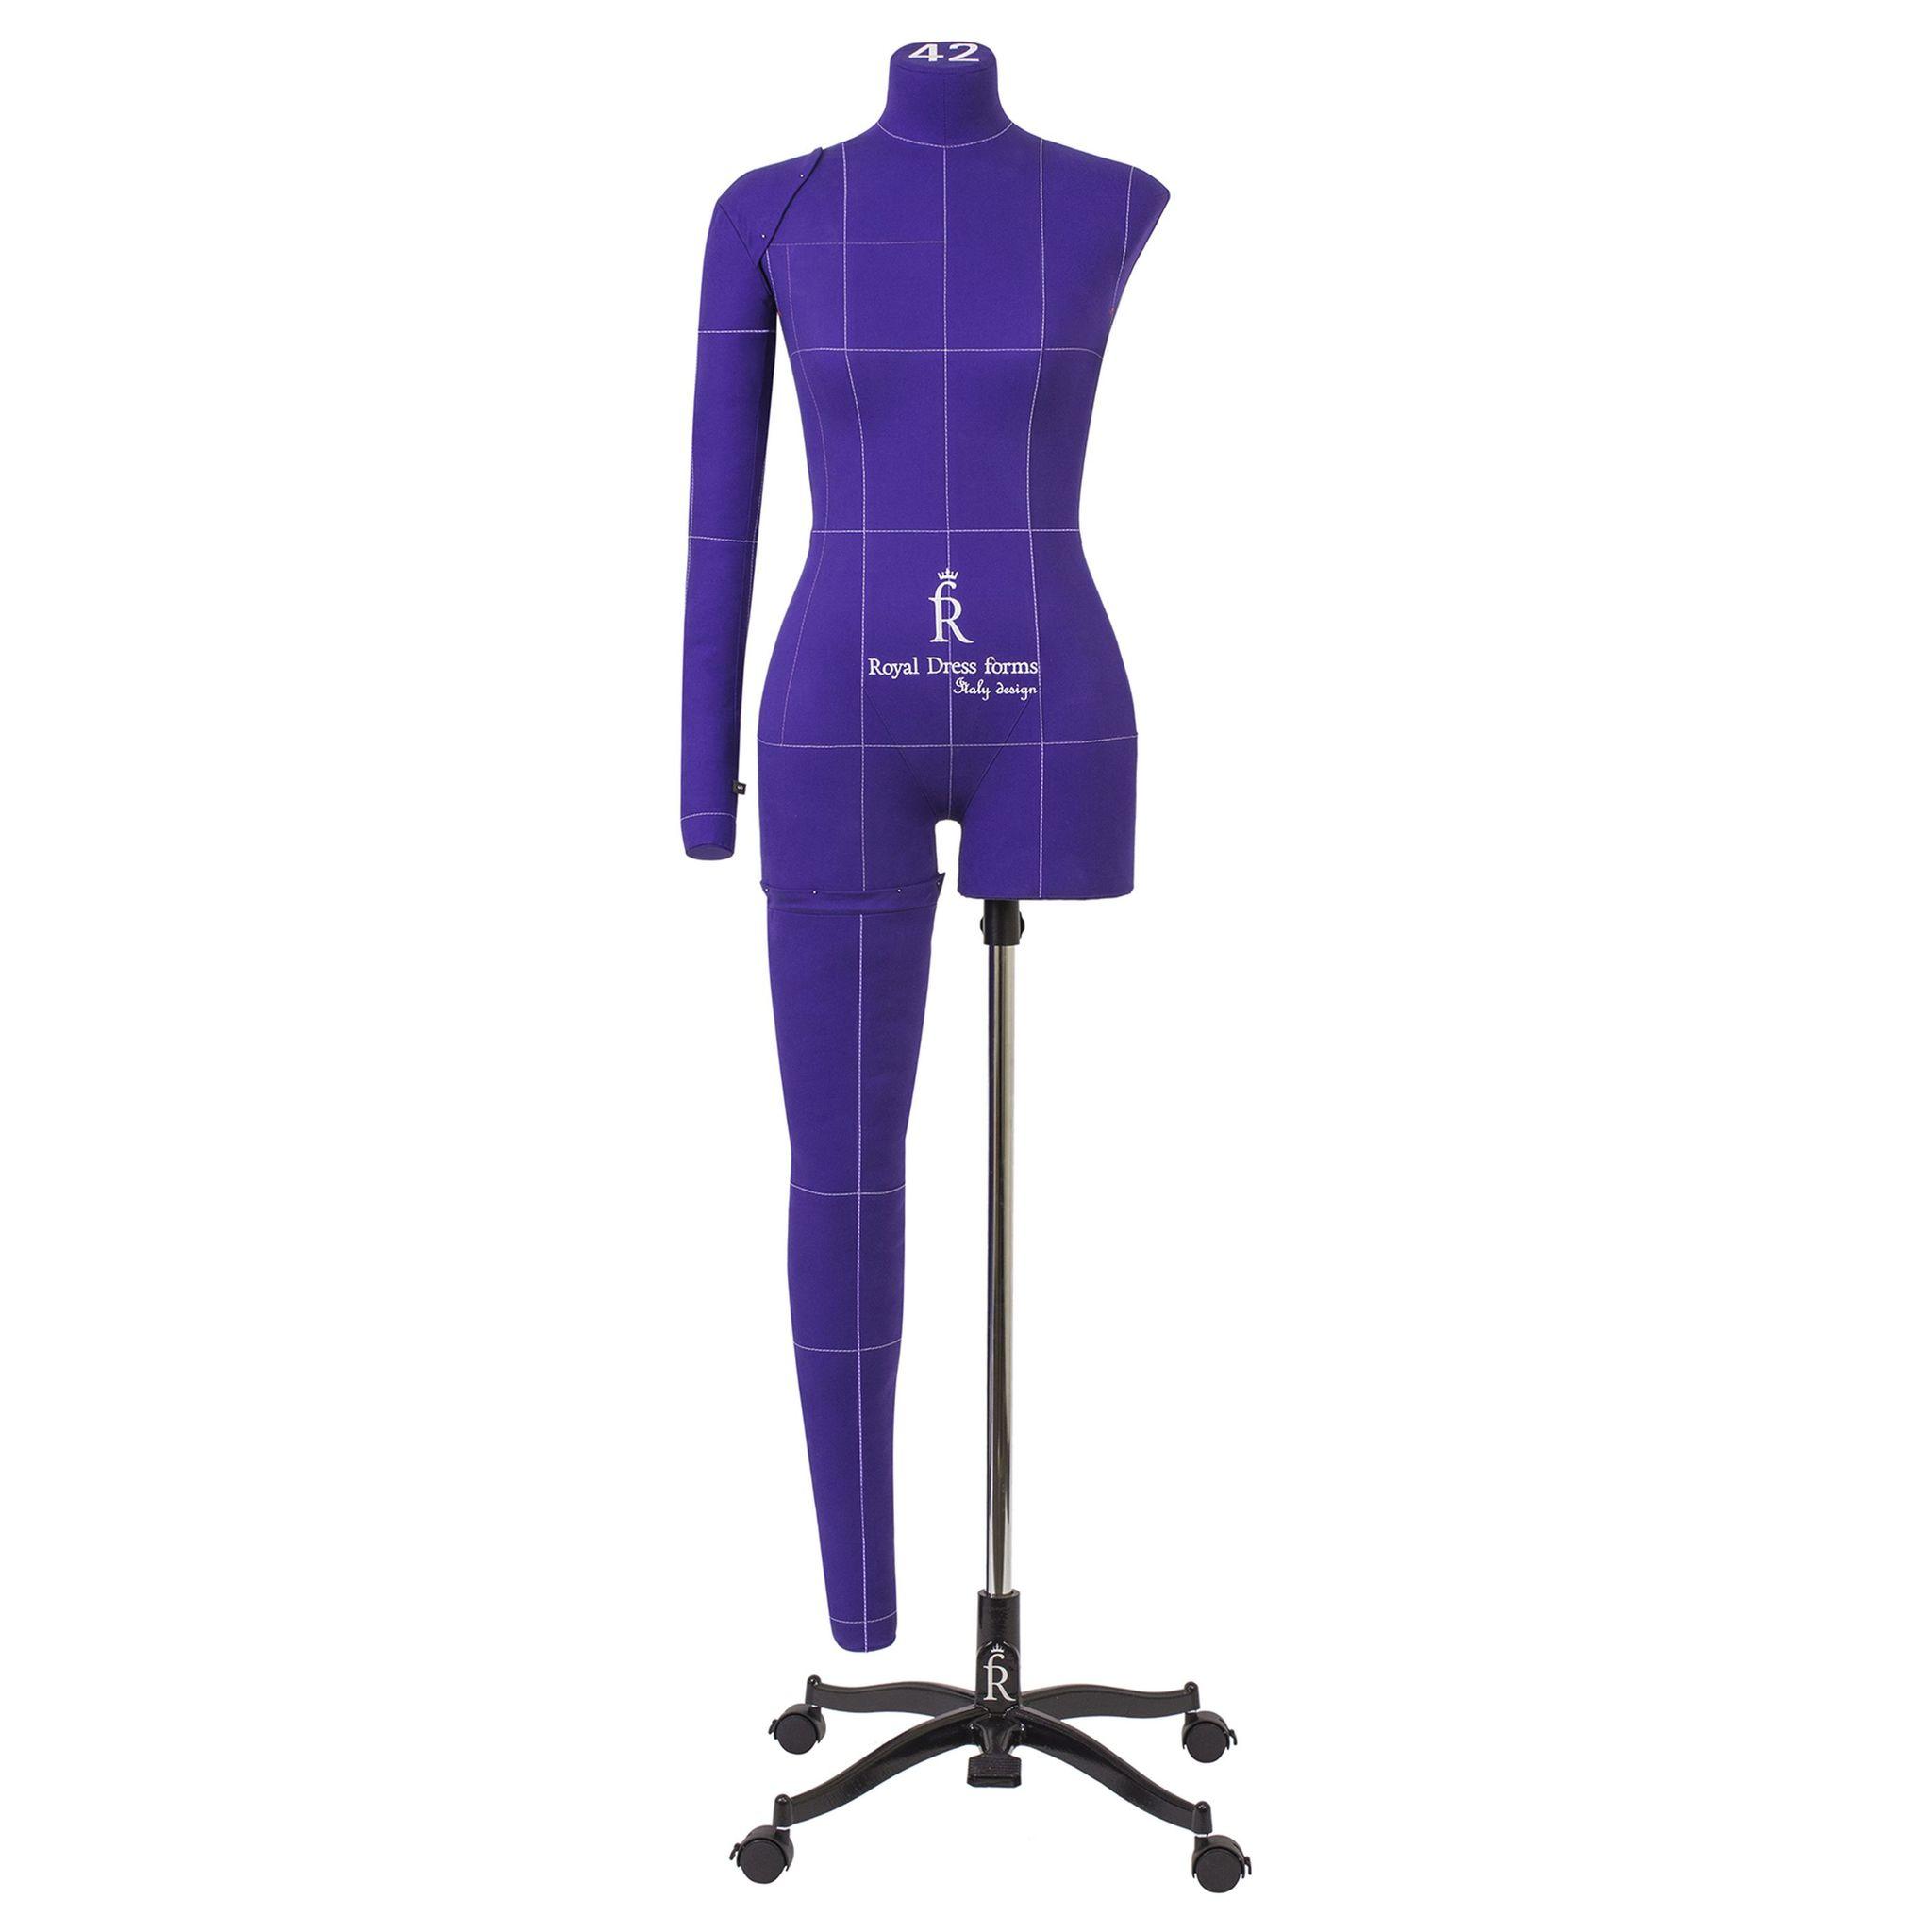 Манекен портновский Моника Арт, фиолетовый, 48 размер